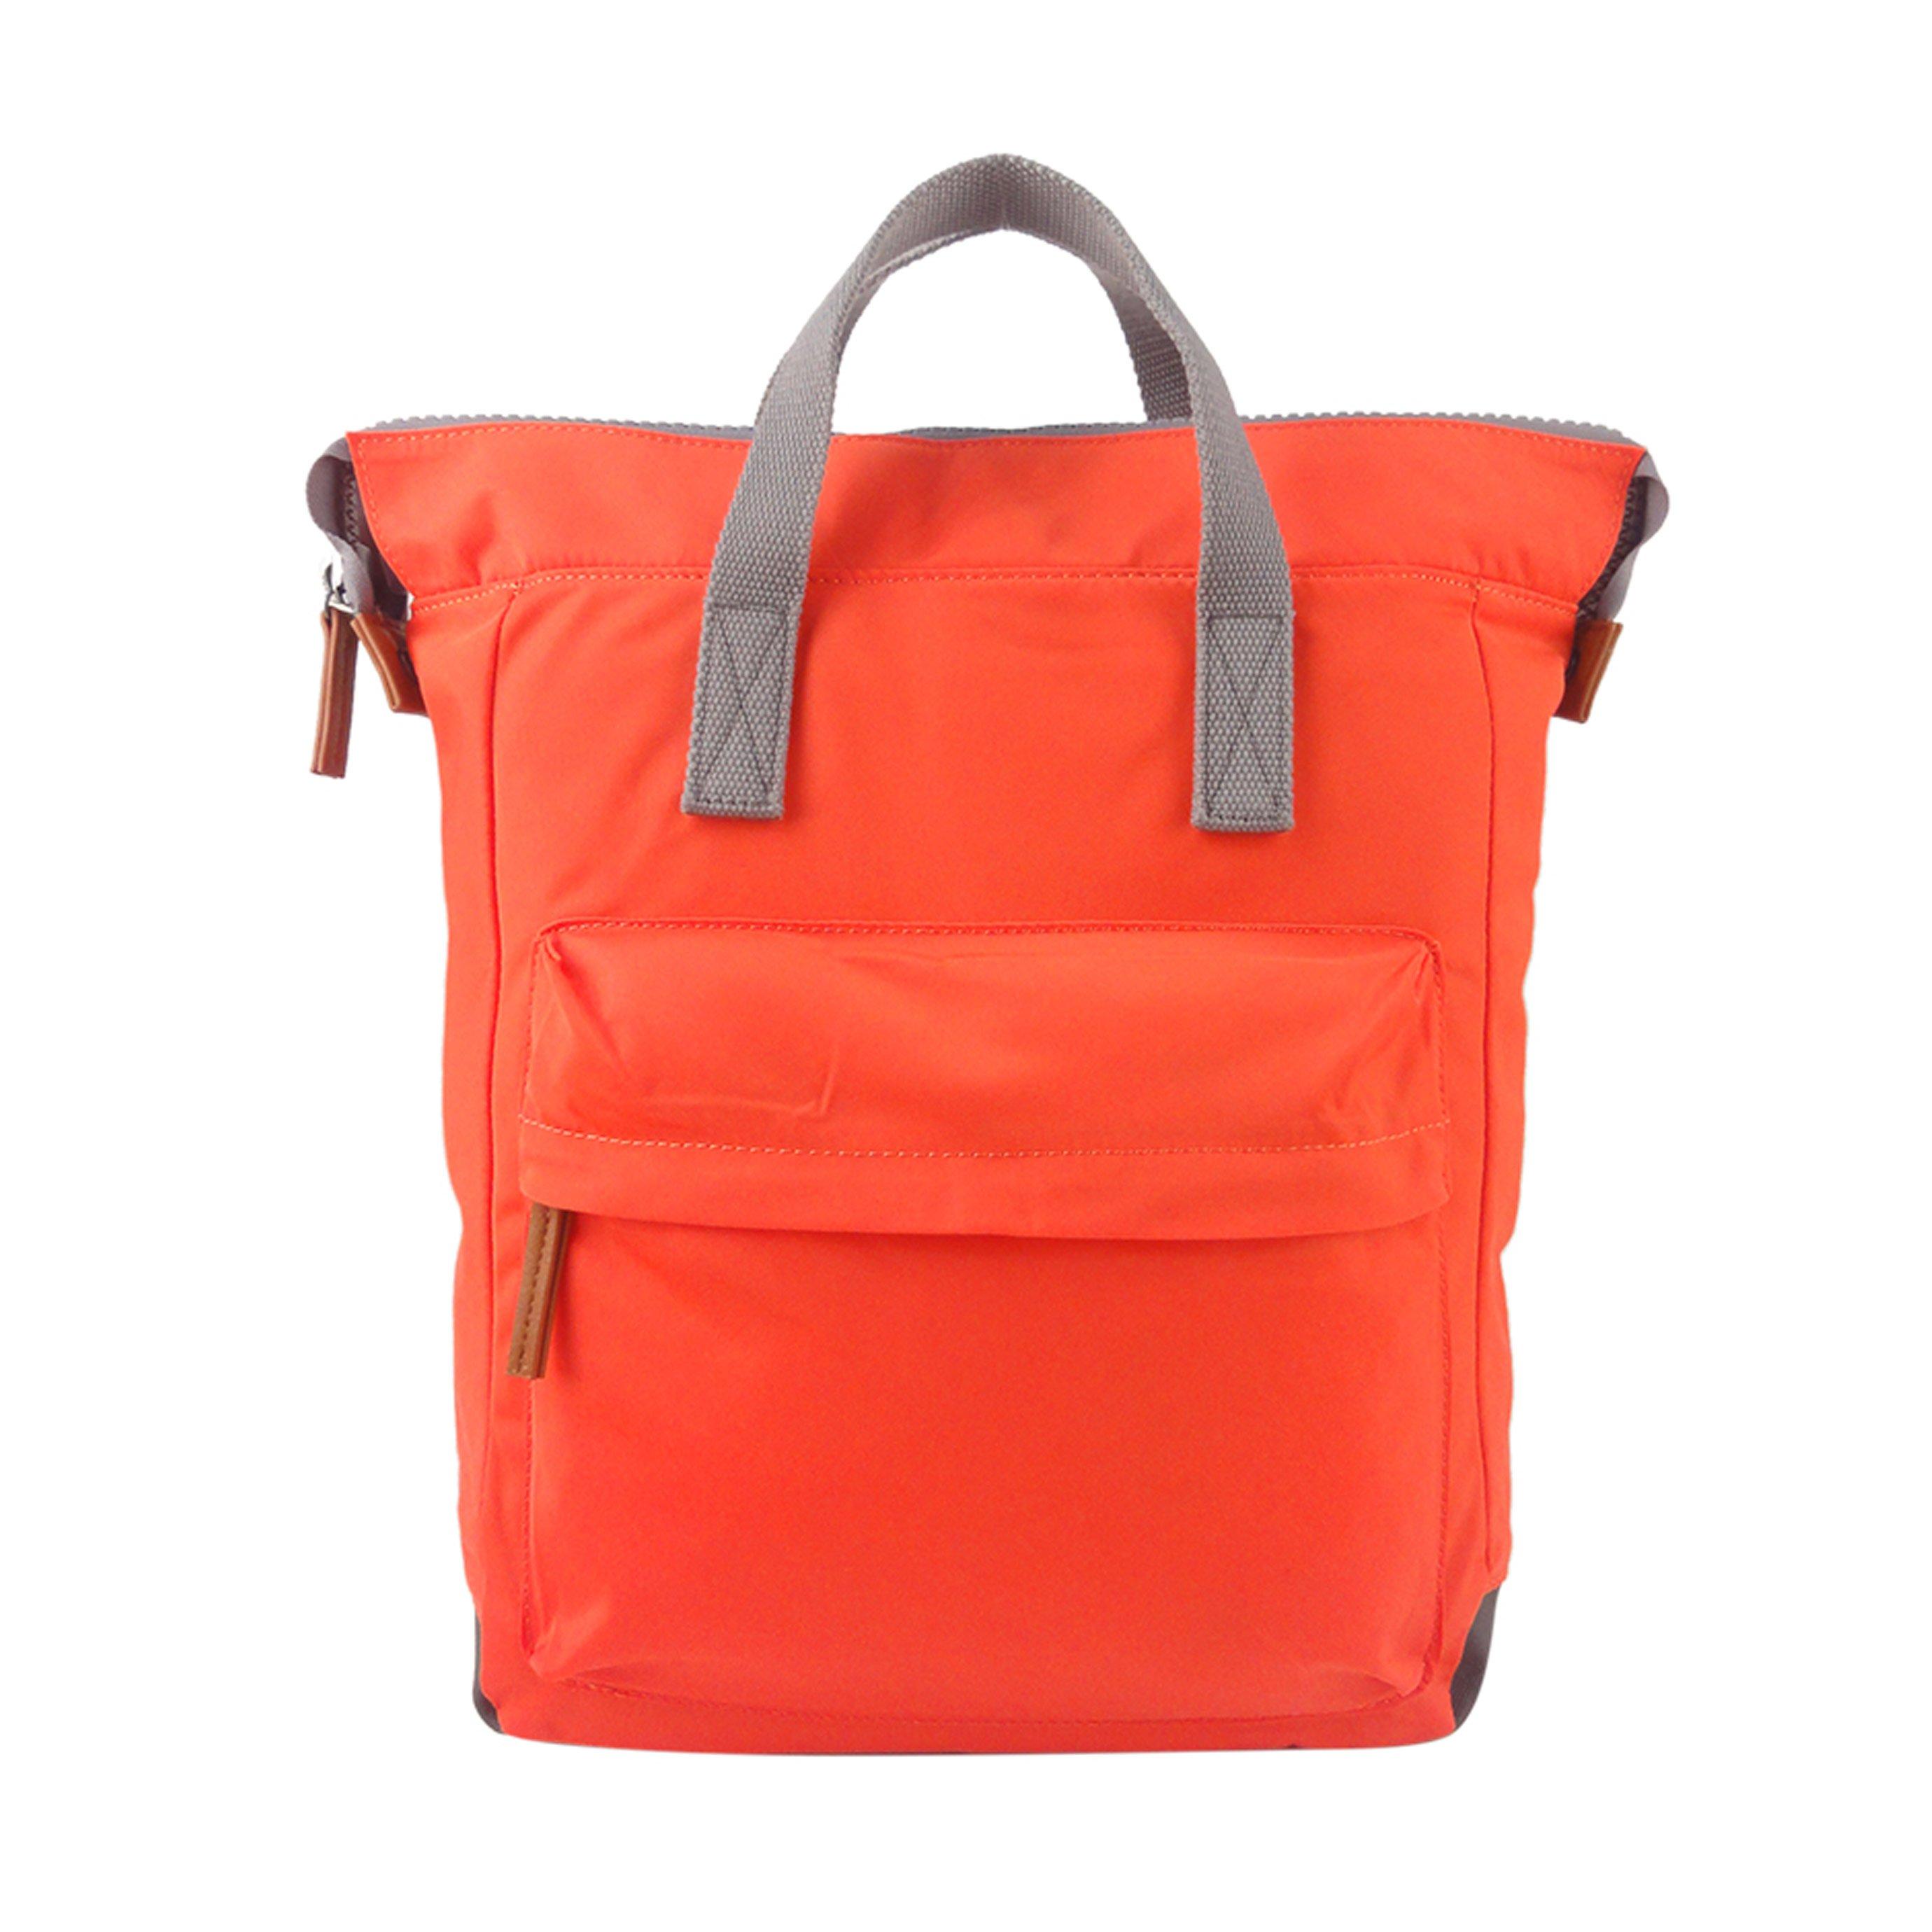 Roka - תיק גב מרופד ומרווח בצבע כתום עם כיס חיצוני מרובע